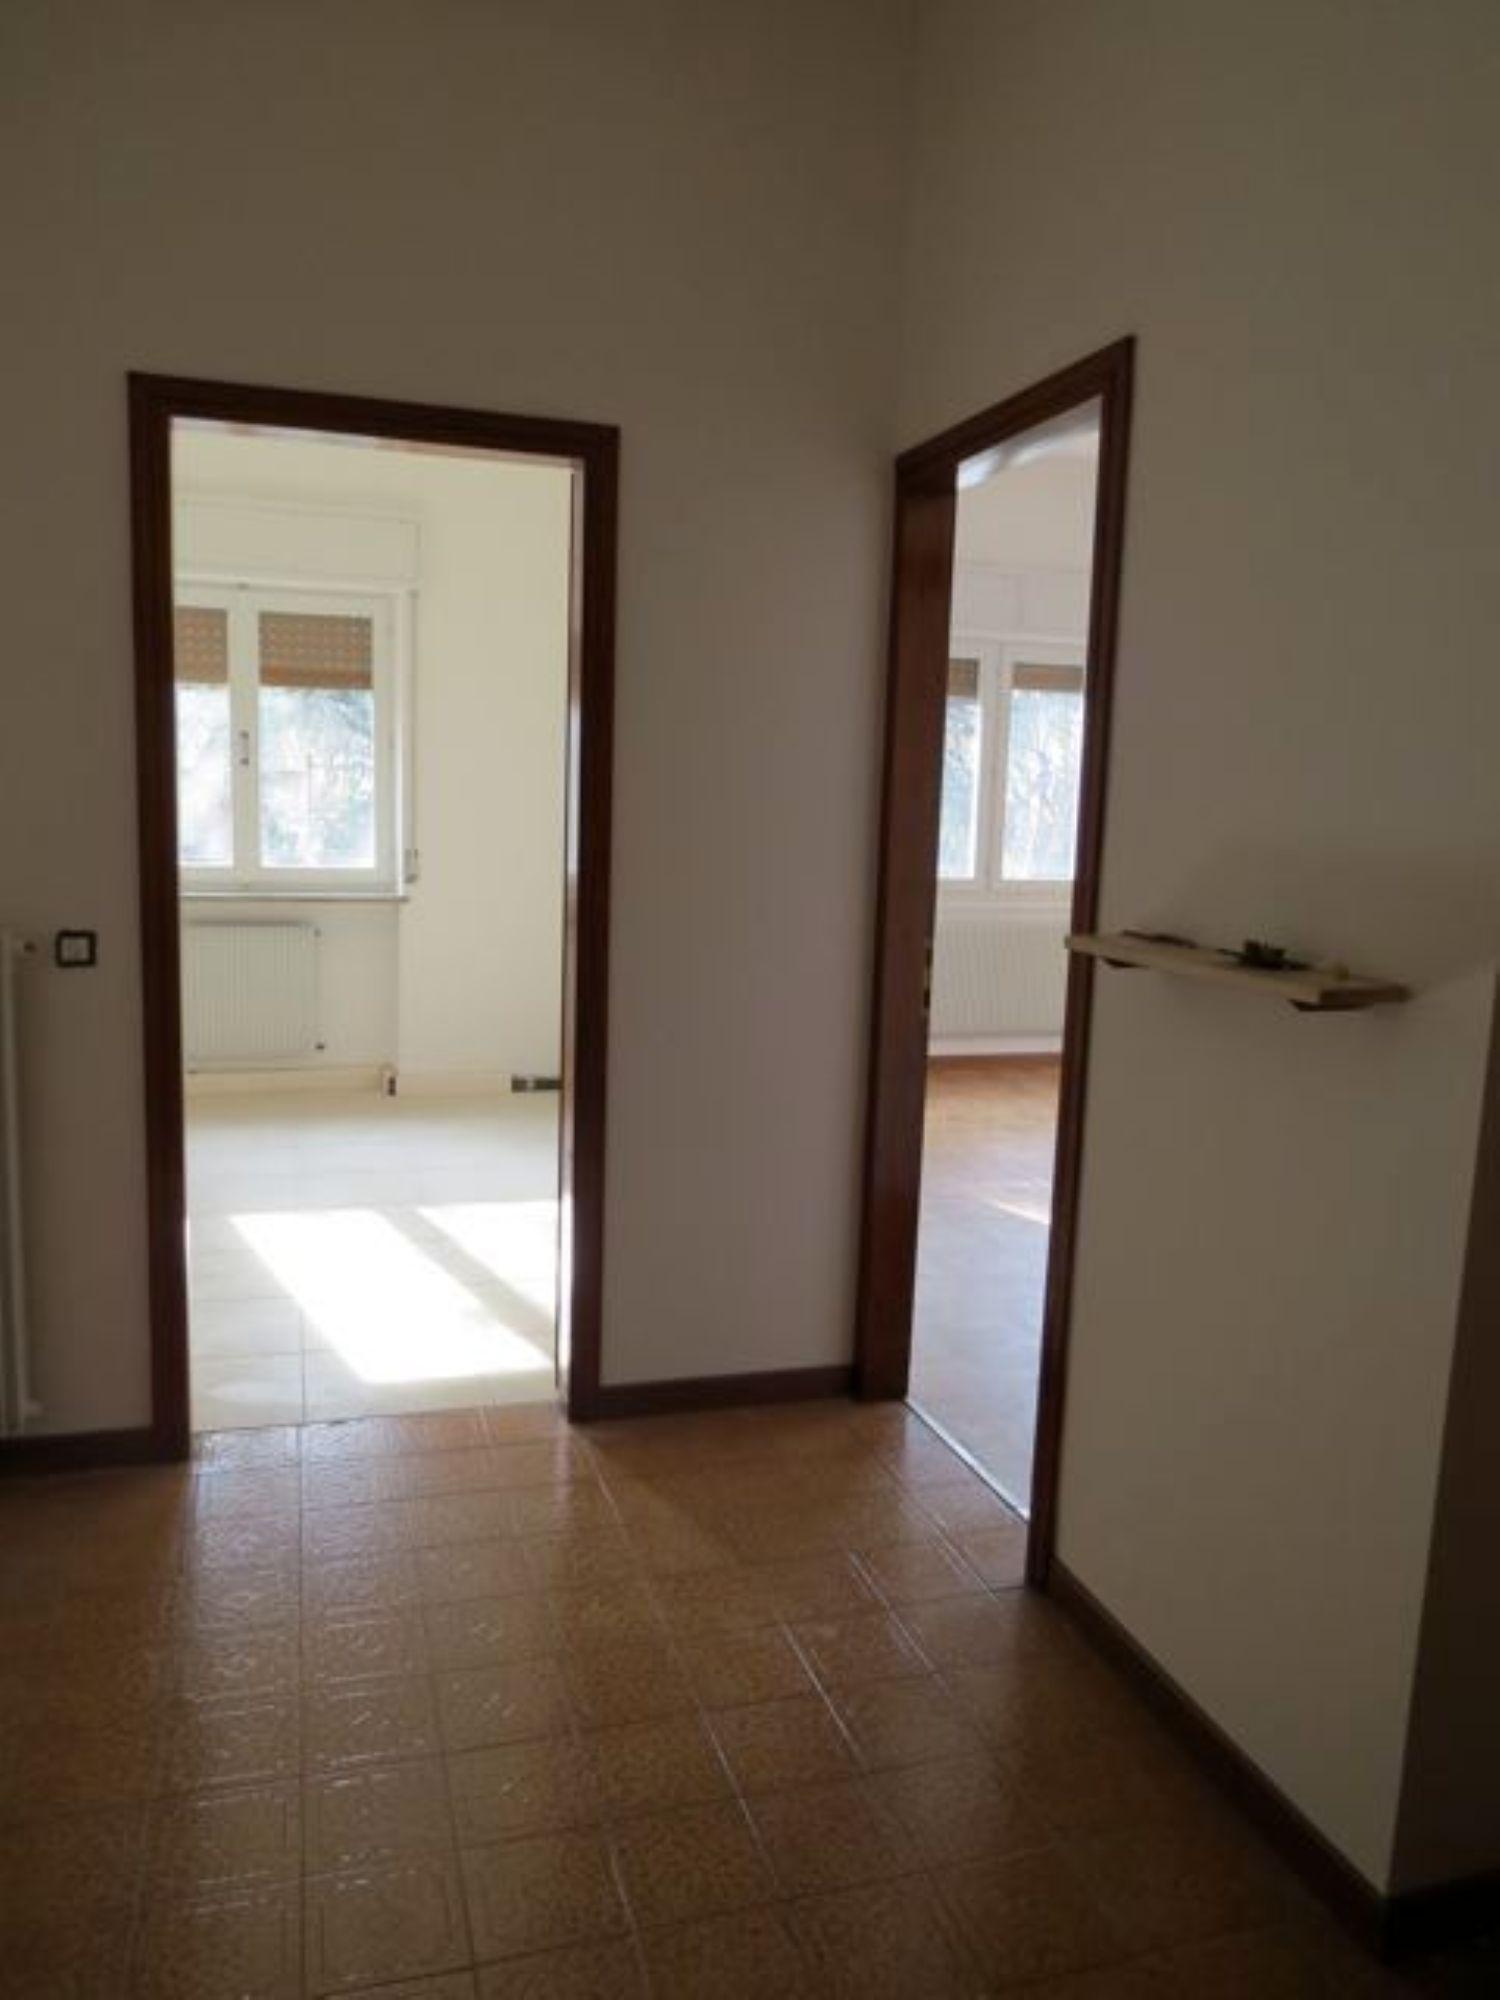 Appartamento in affitto a Udine, 5 locali, prezzo € 650 | CambioCasa.it